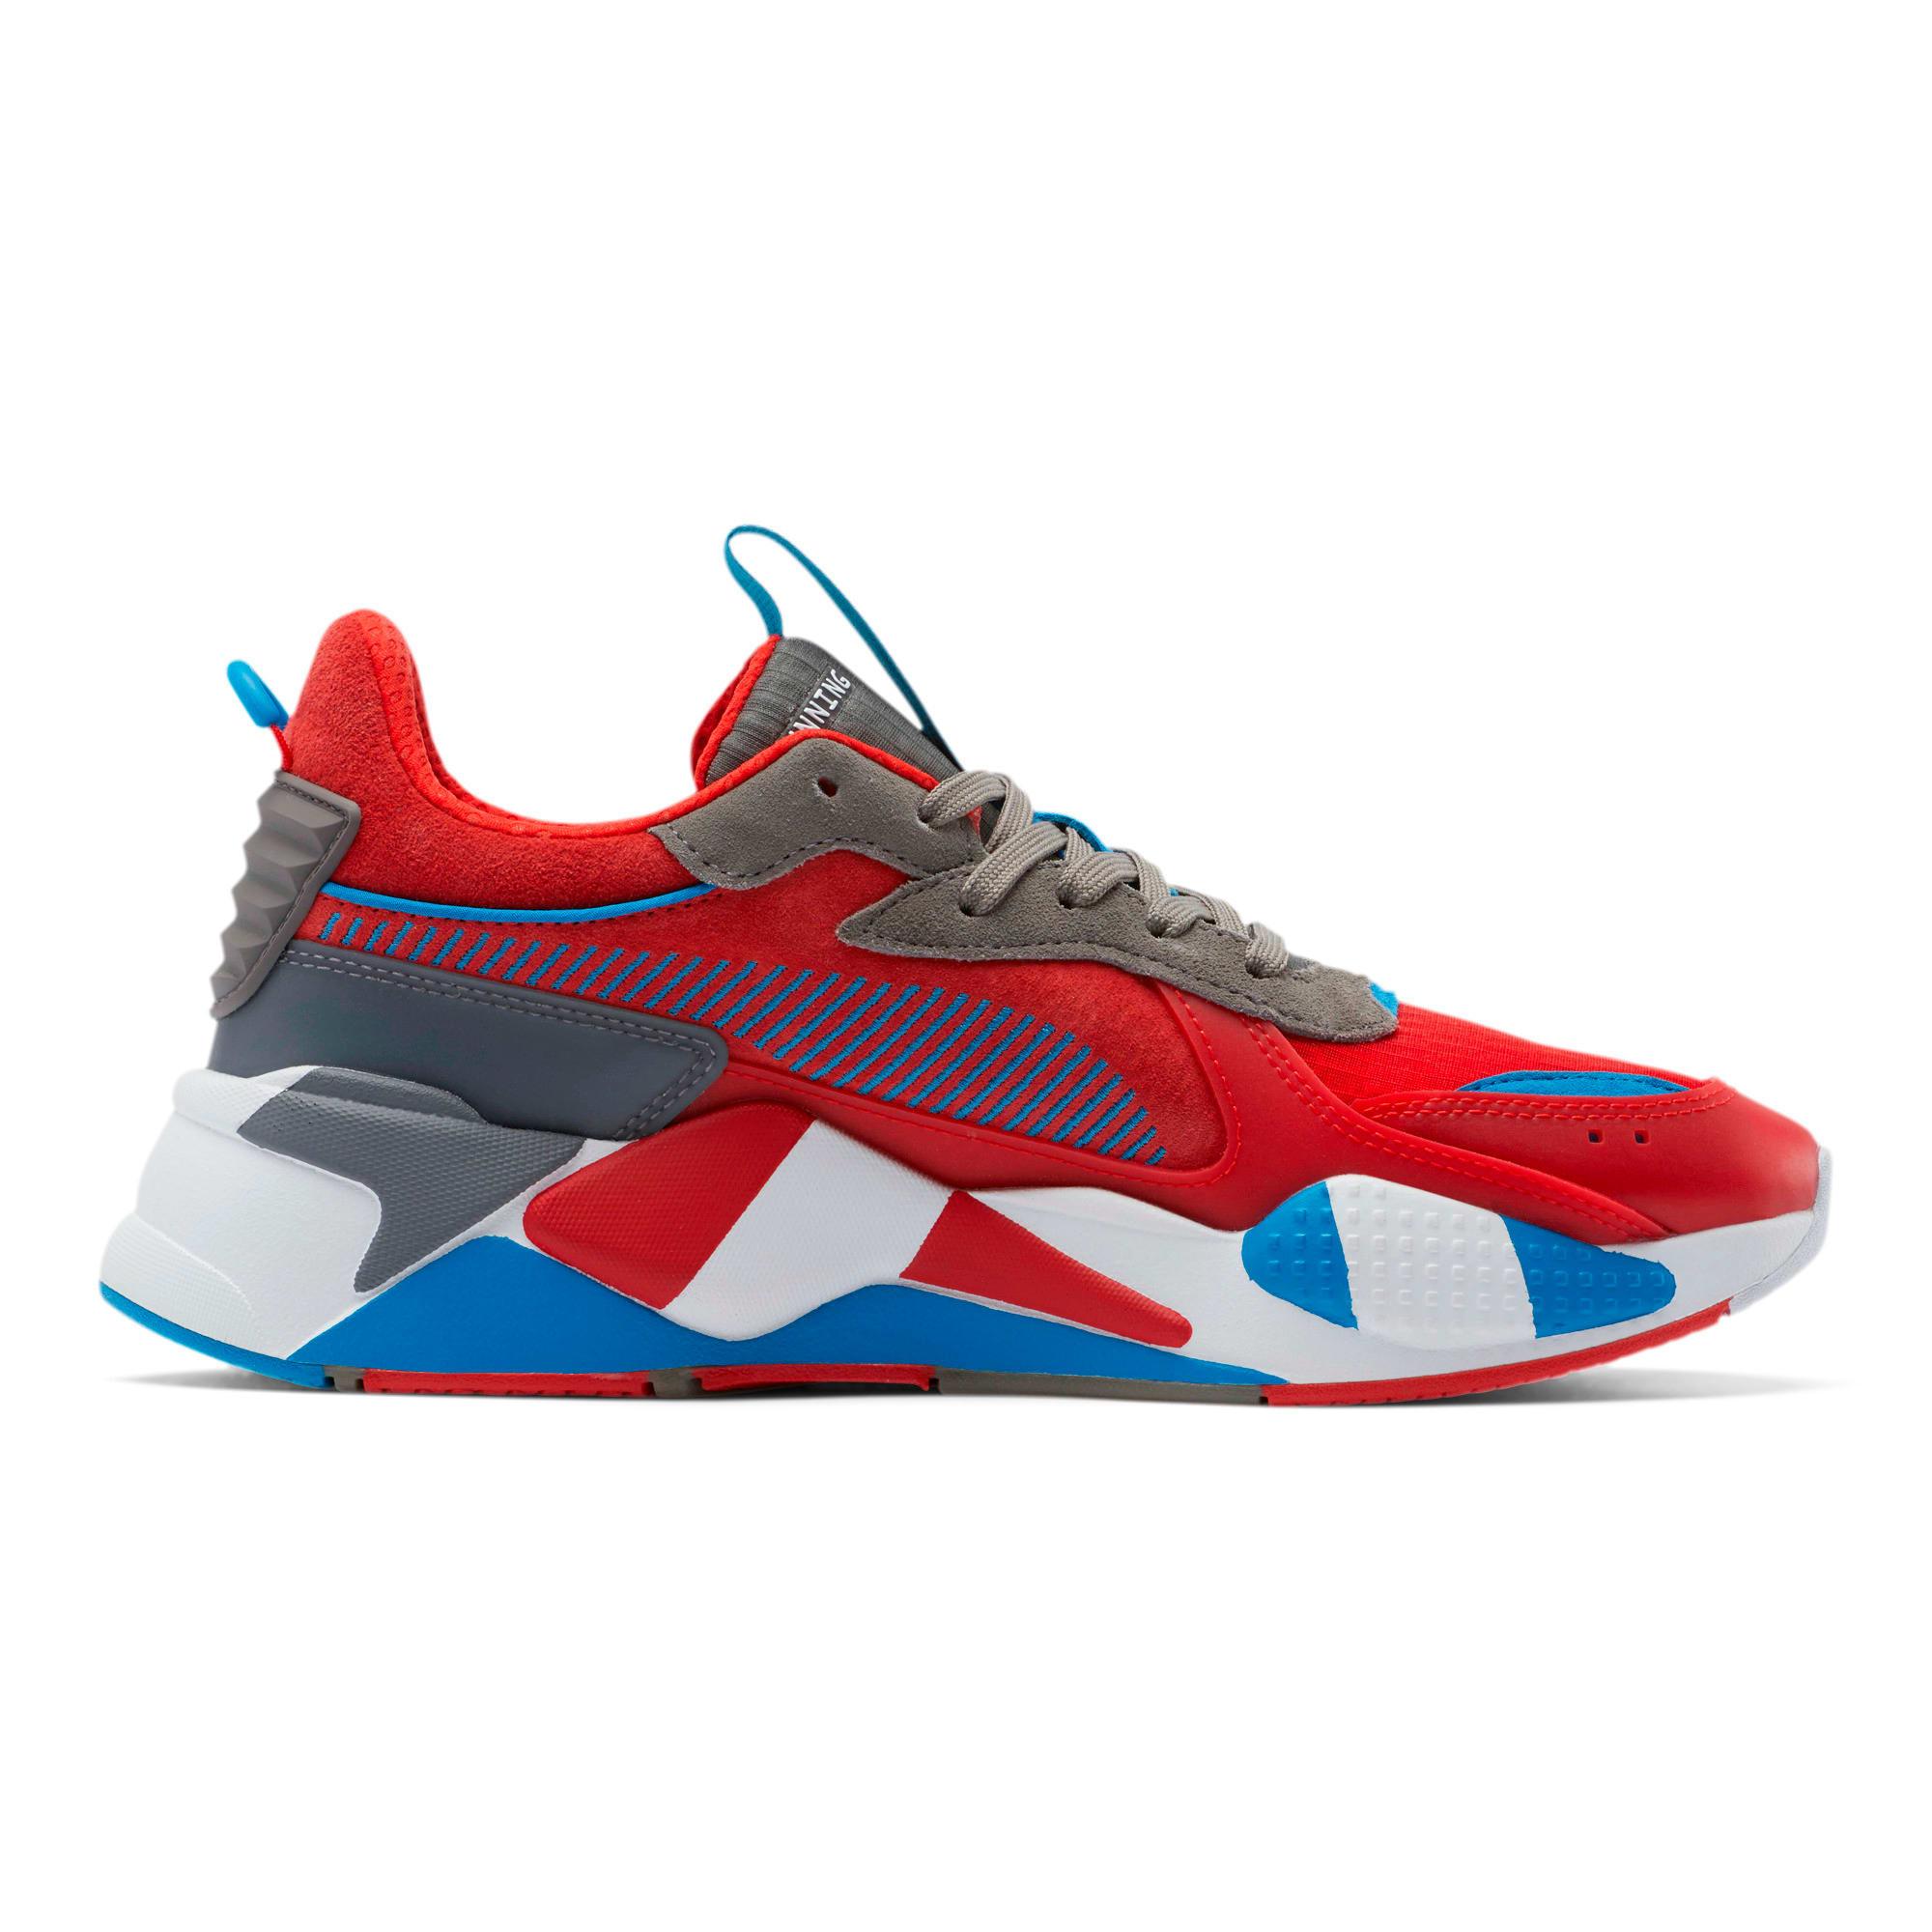 Miniatura 5 de Zapatos deportivos RS-X Retro, Red-Steel Gray-Indigo, mediano